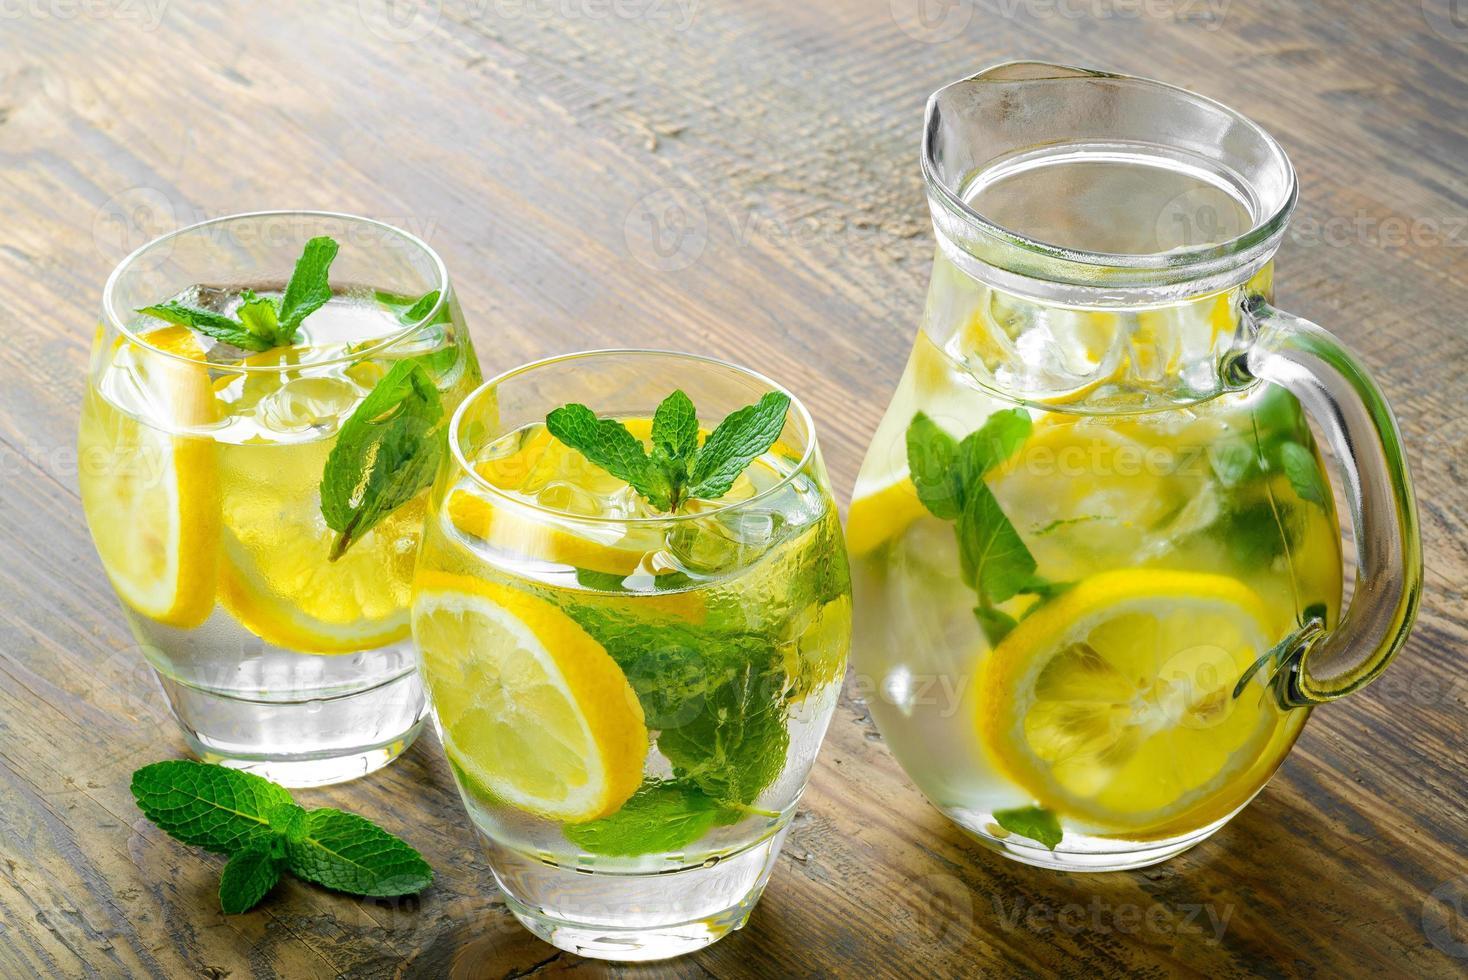 agua dulce con limón, menta y pepino foto